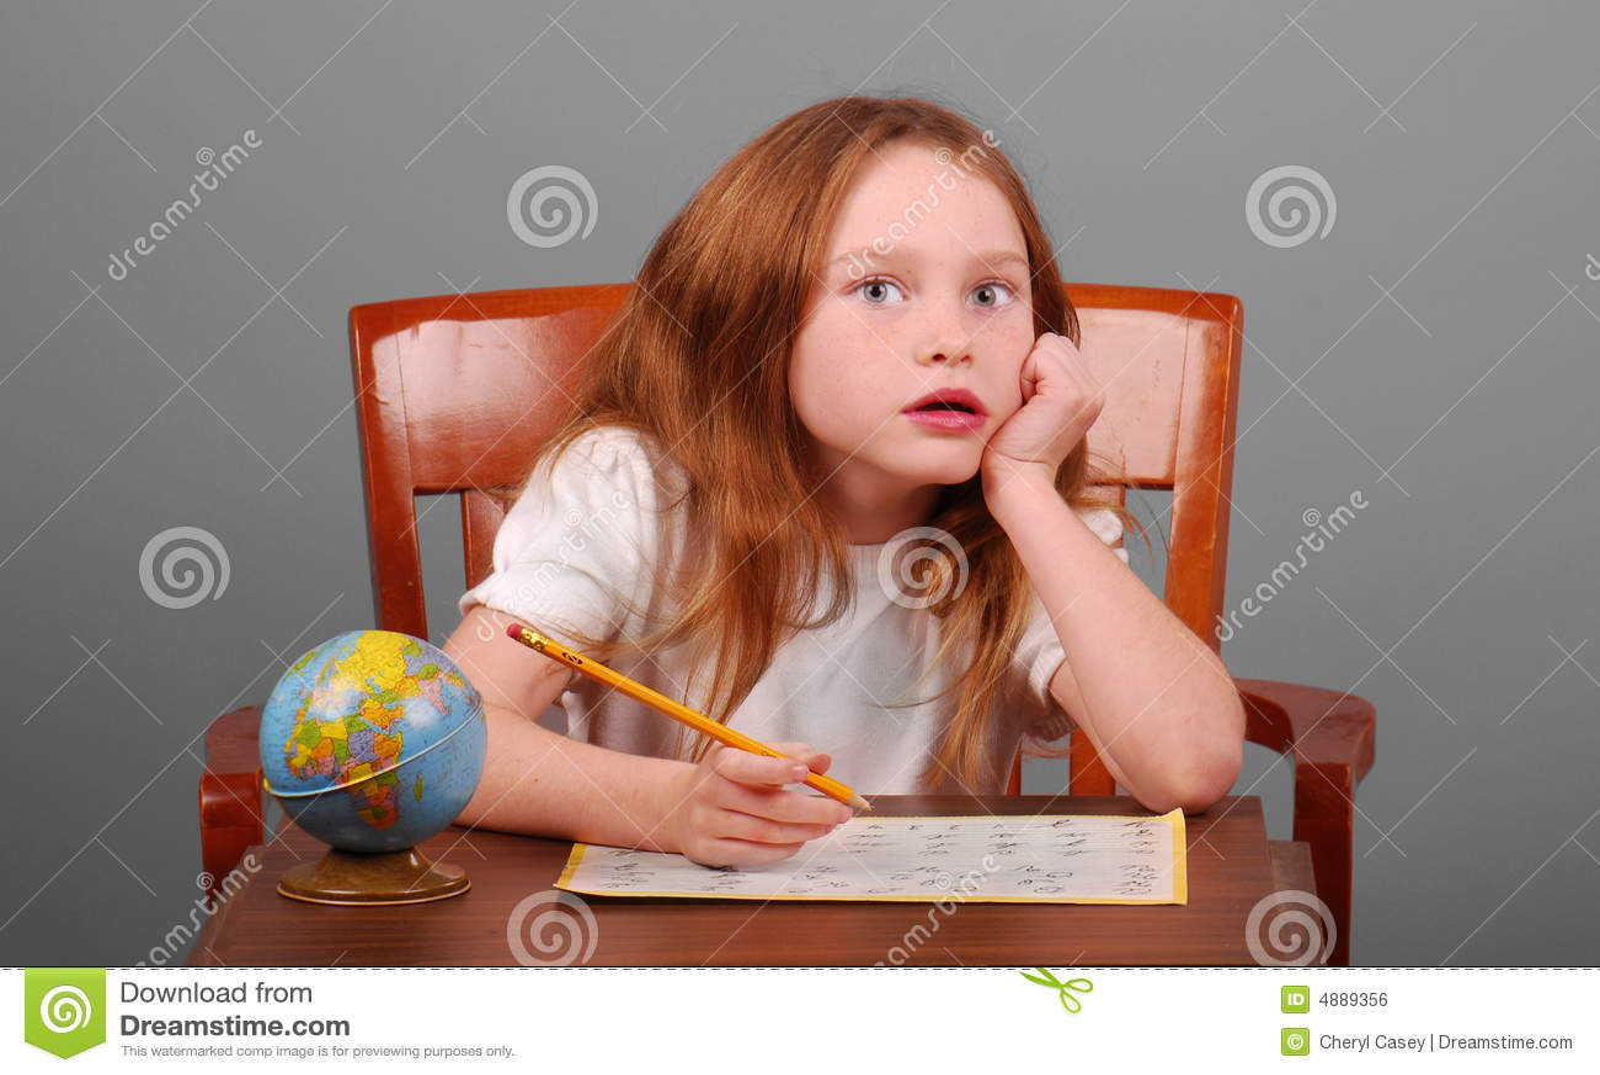 Young Girl Doing School Work Stock Photo - Image of study ...